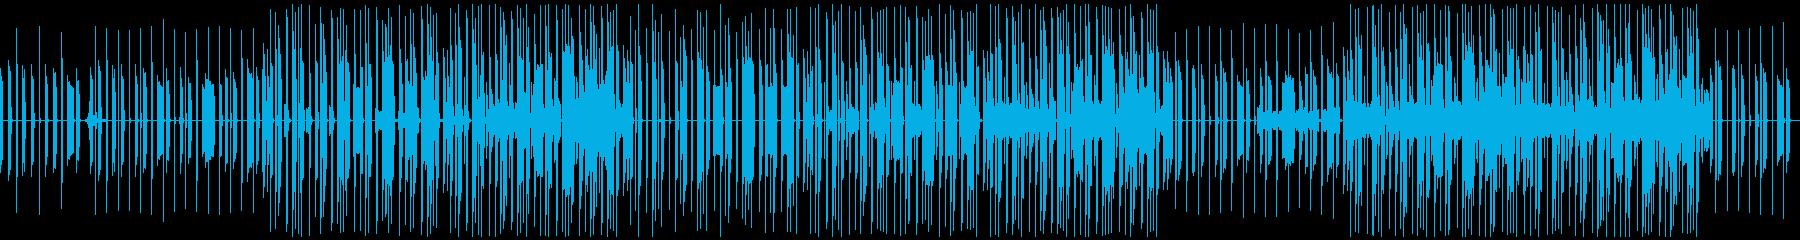 ゴスペルテイストのヒップホップビートの再生済みの波形